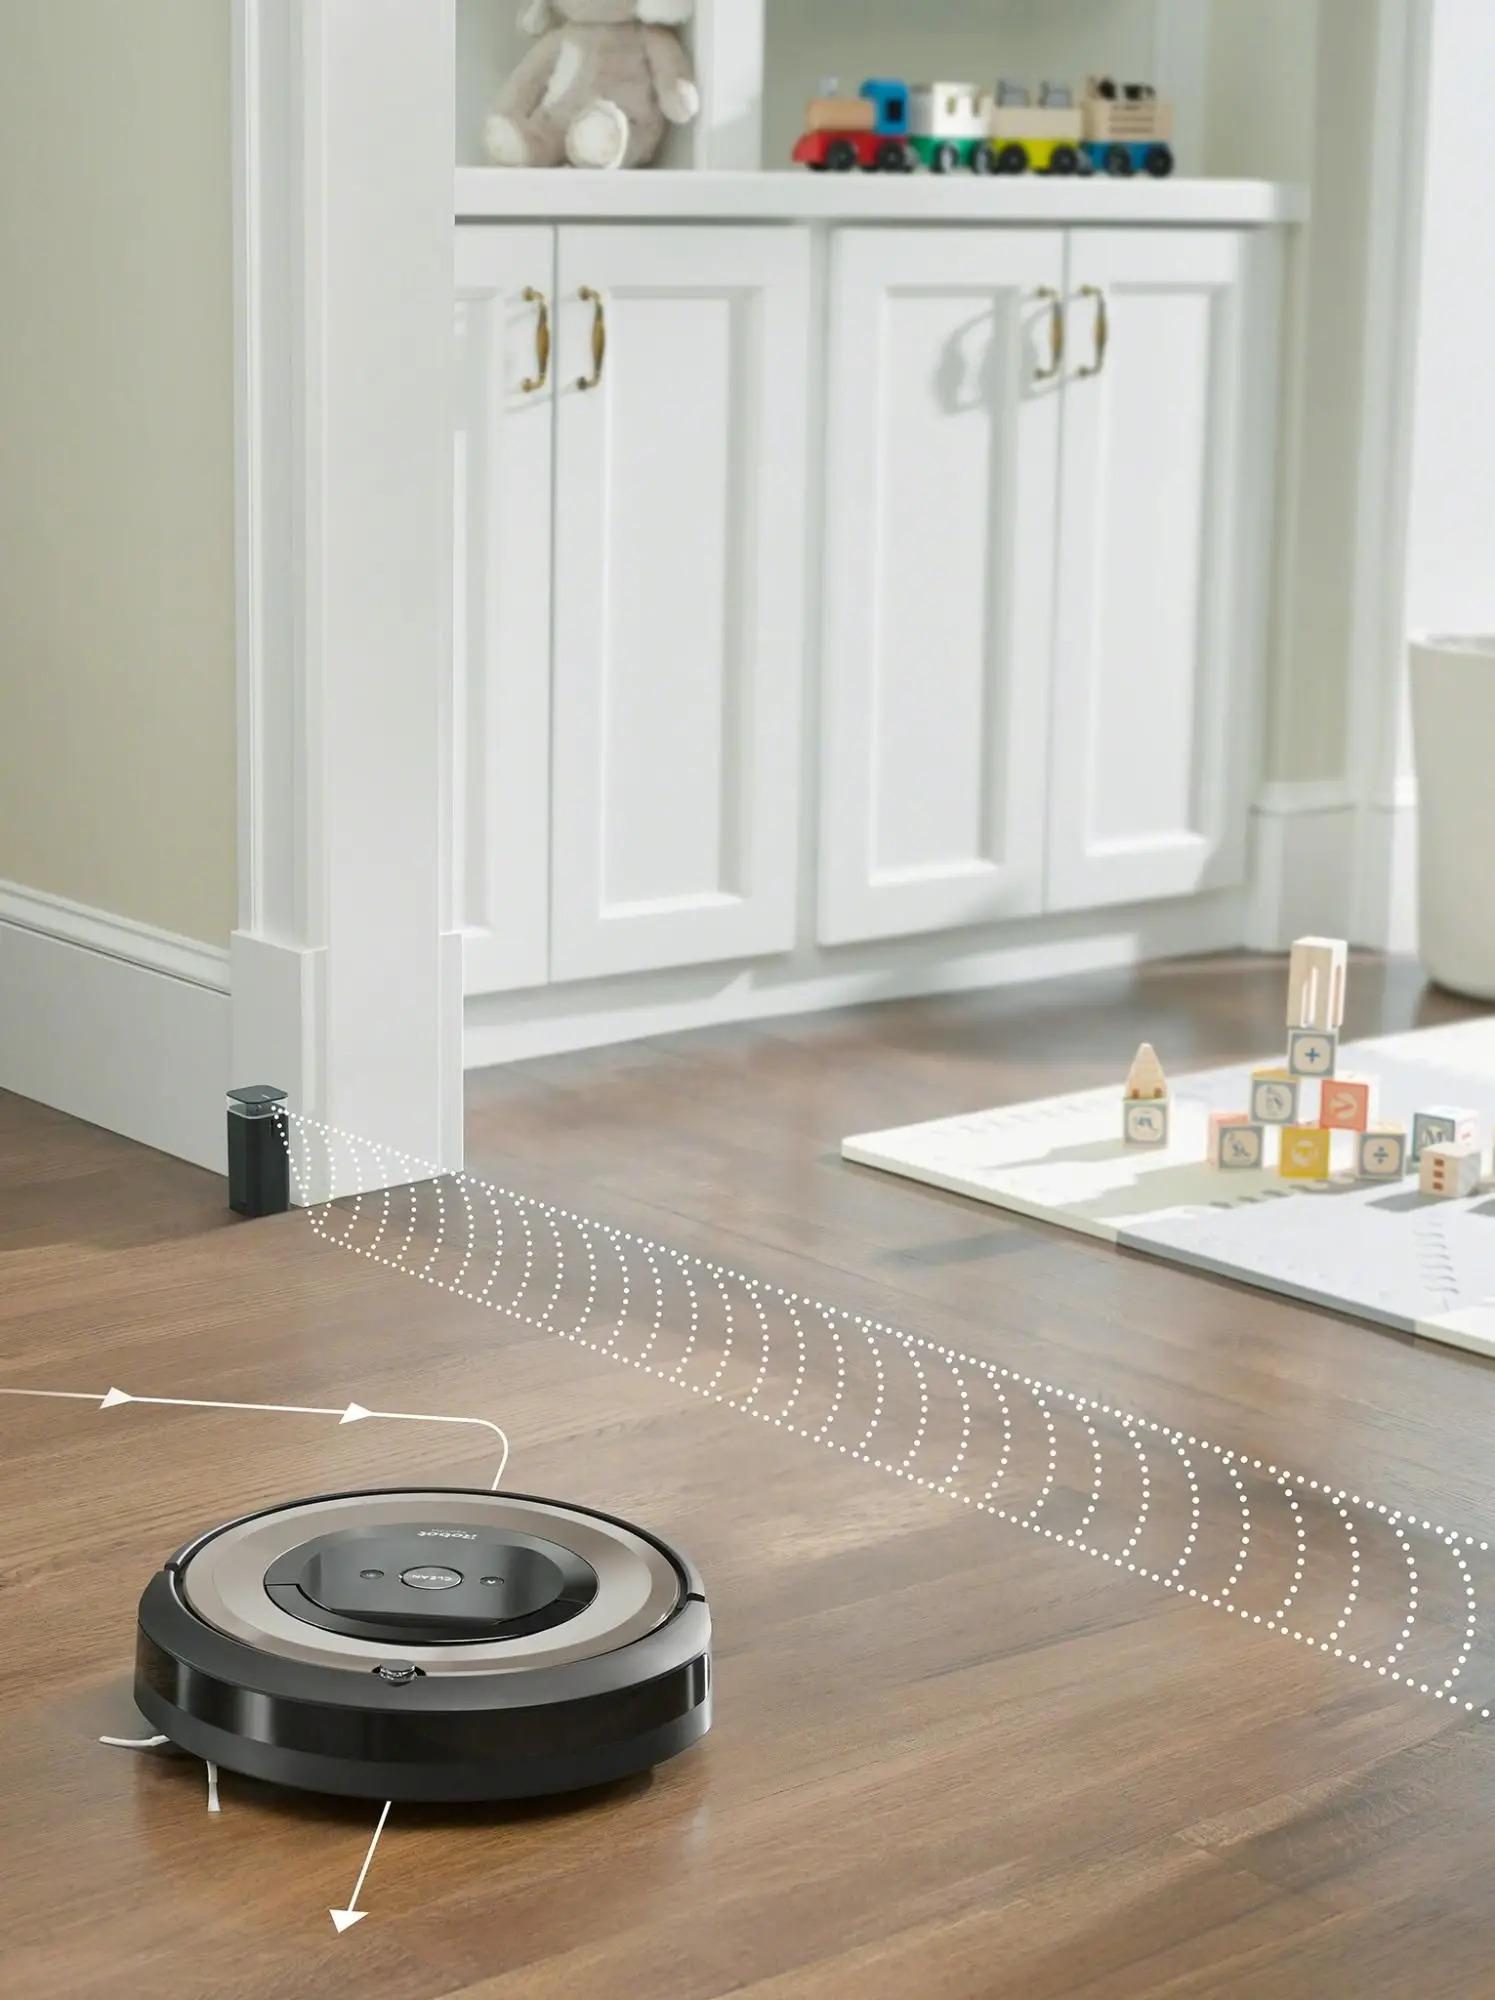 iRobot Roomba e6 Systém Funkce virtuální zdi Halo